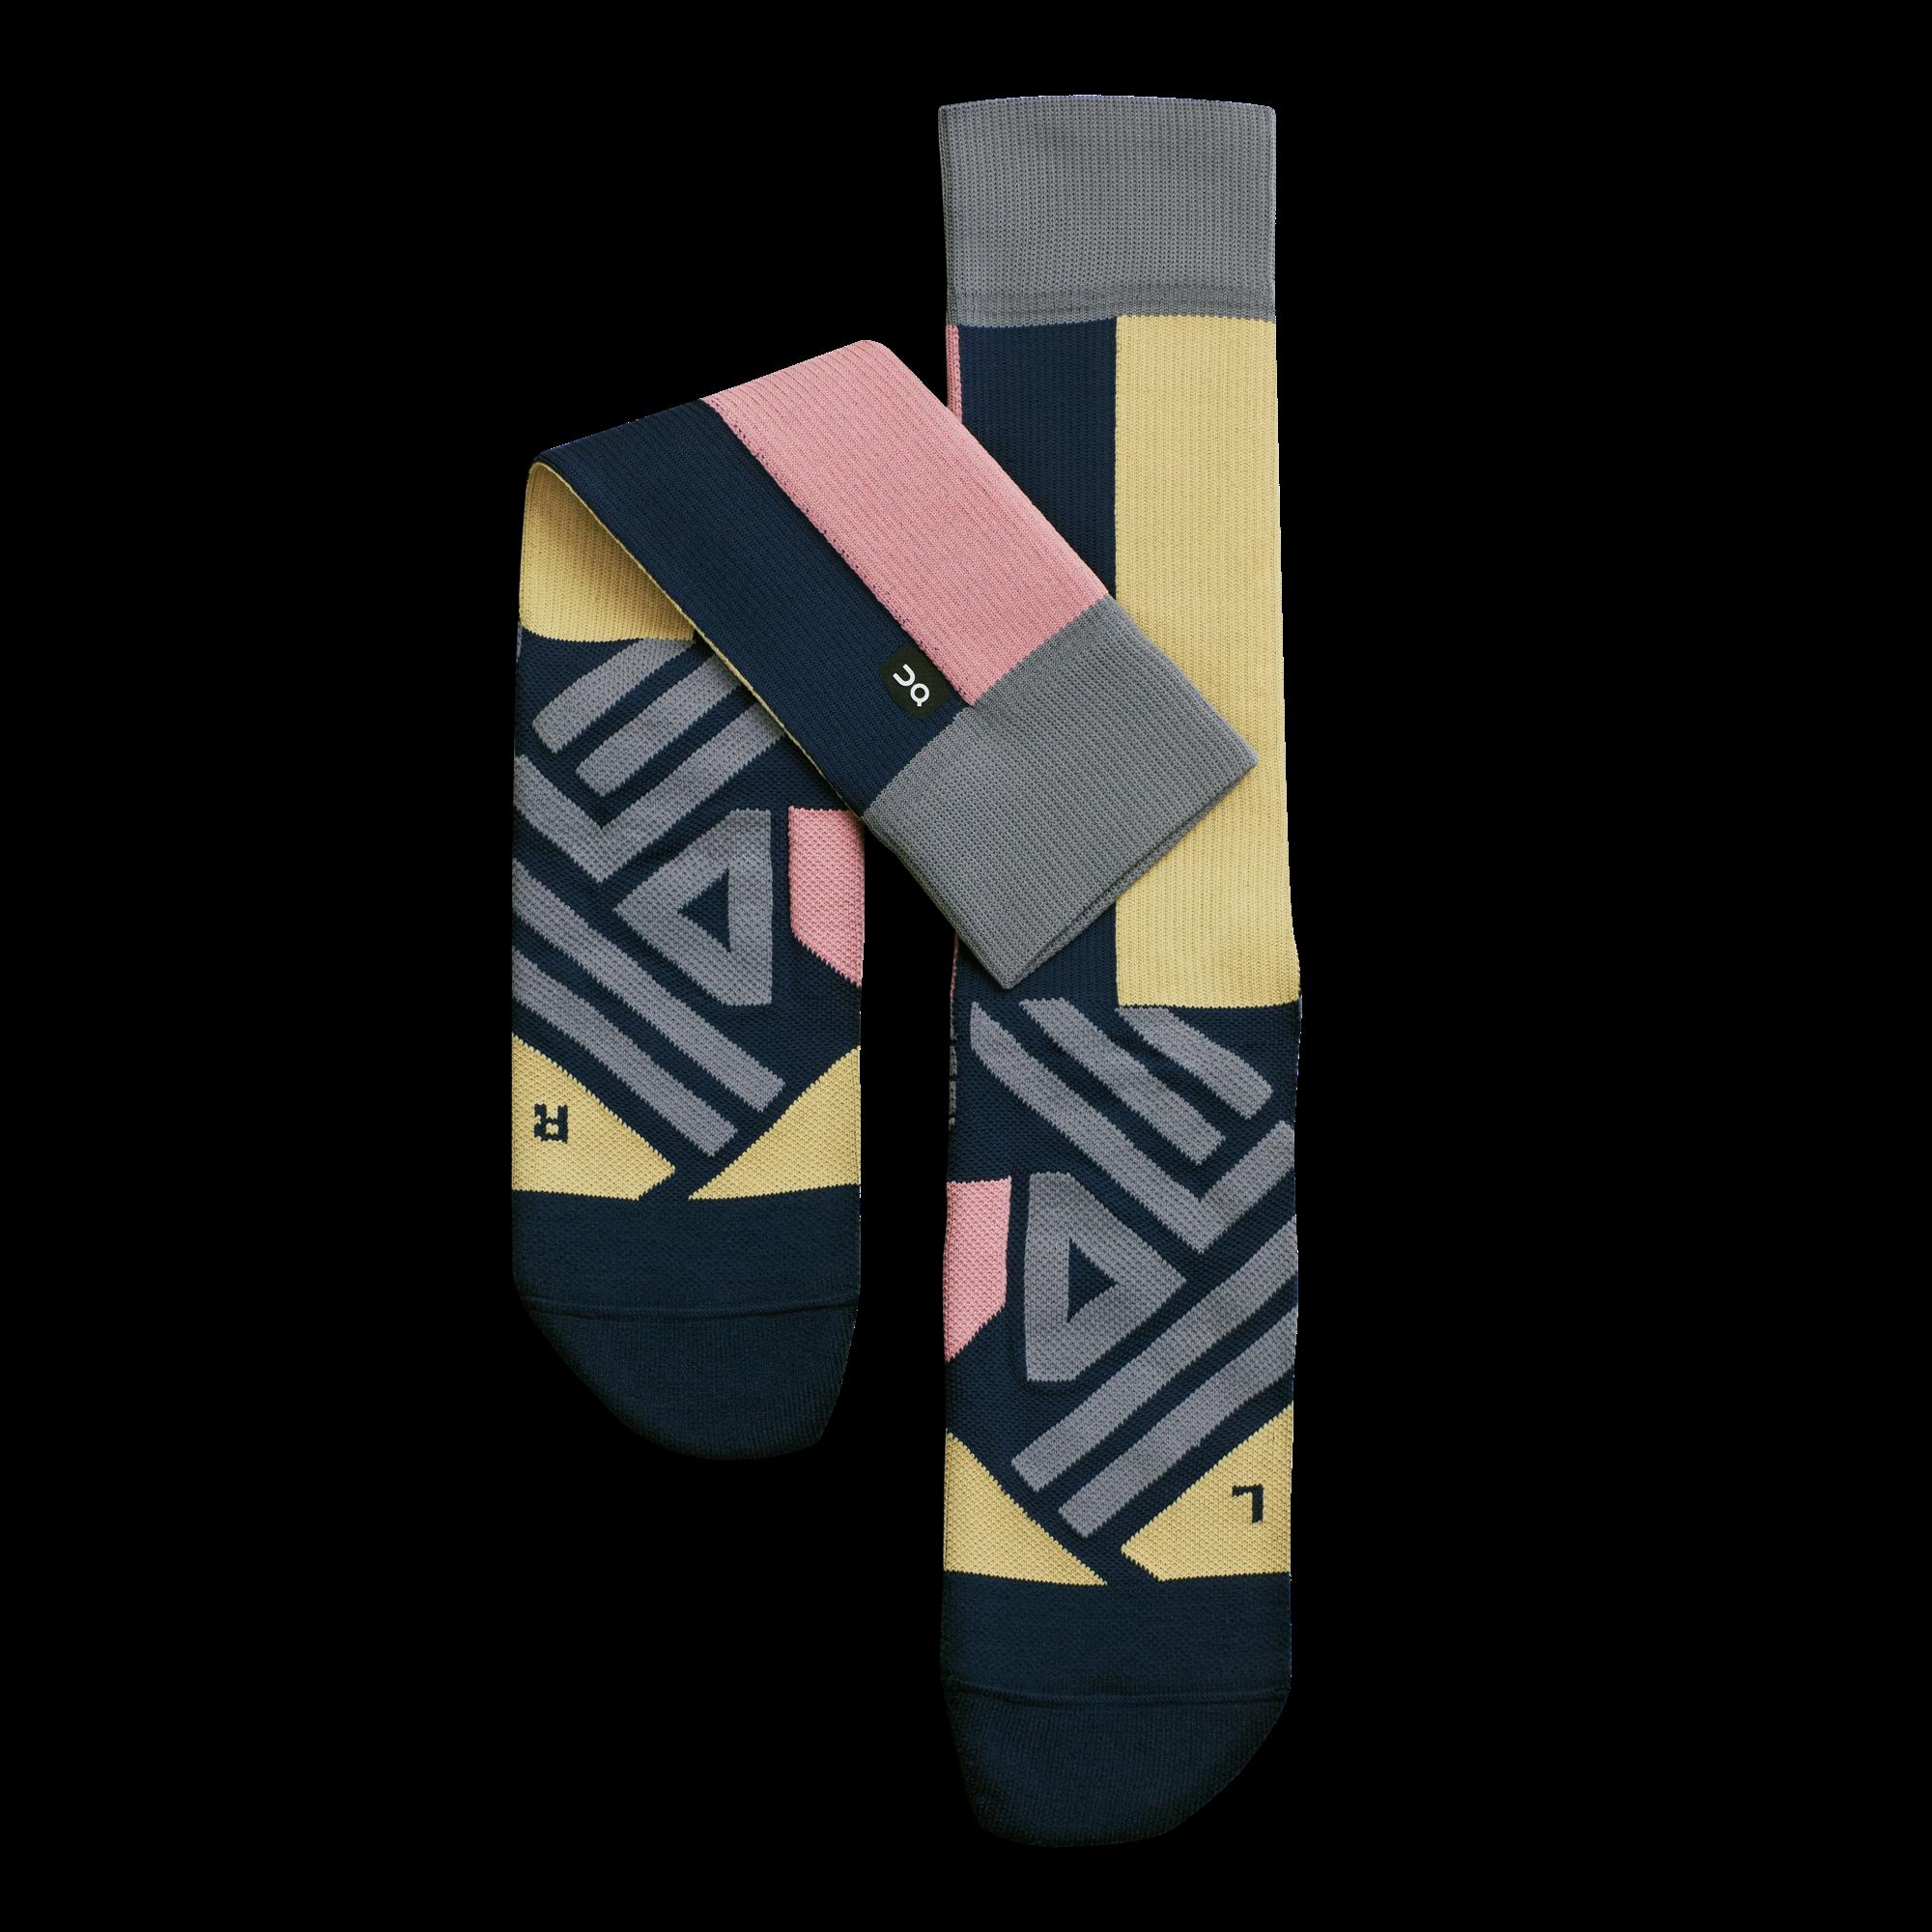 High Sock - High Running Socks | On